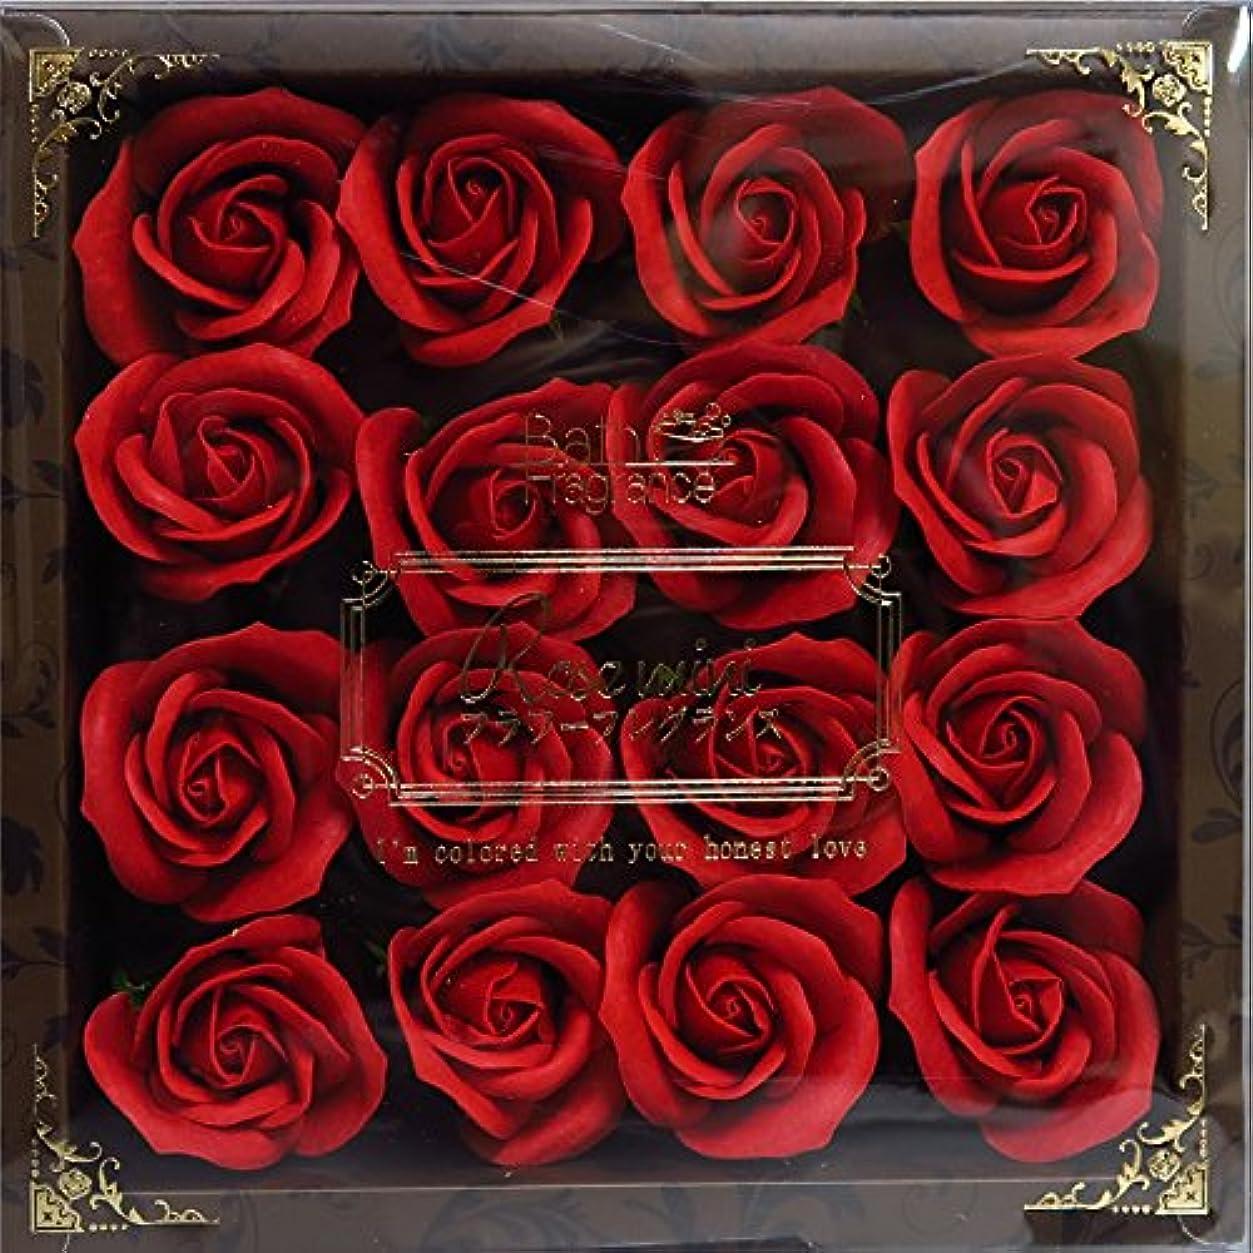 いいねイライラするすみませんバスフレグランス バスフラワー ミニローズフレグランス(M)レッド ギフト お花の形の入浴剤 プレゼント ばら